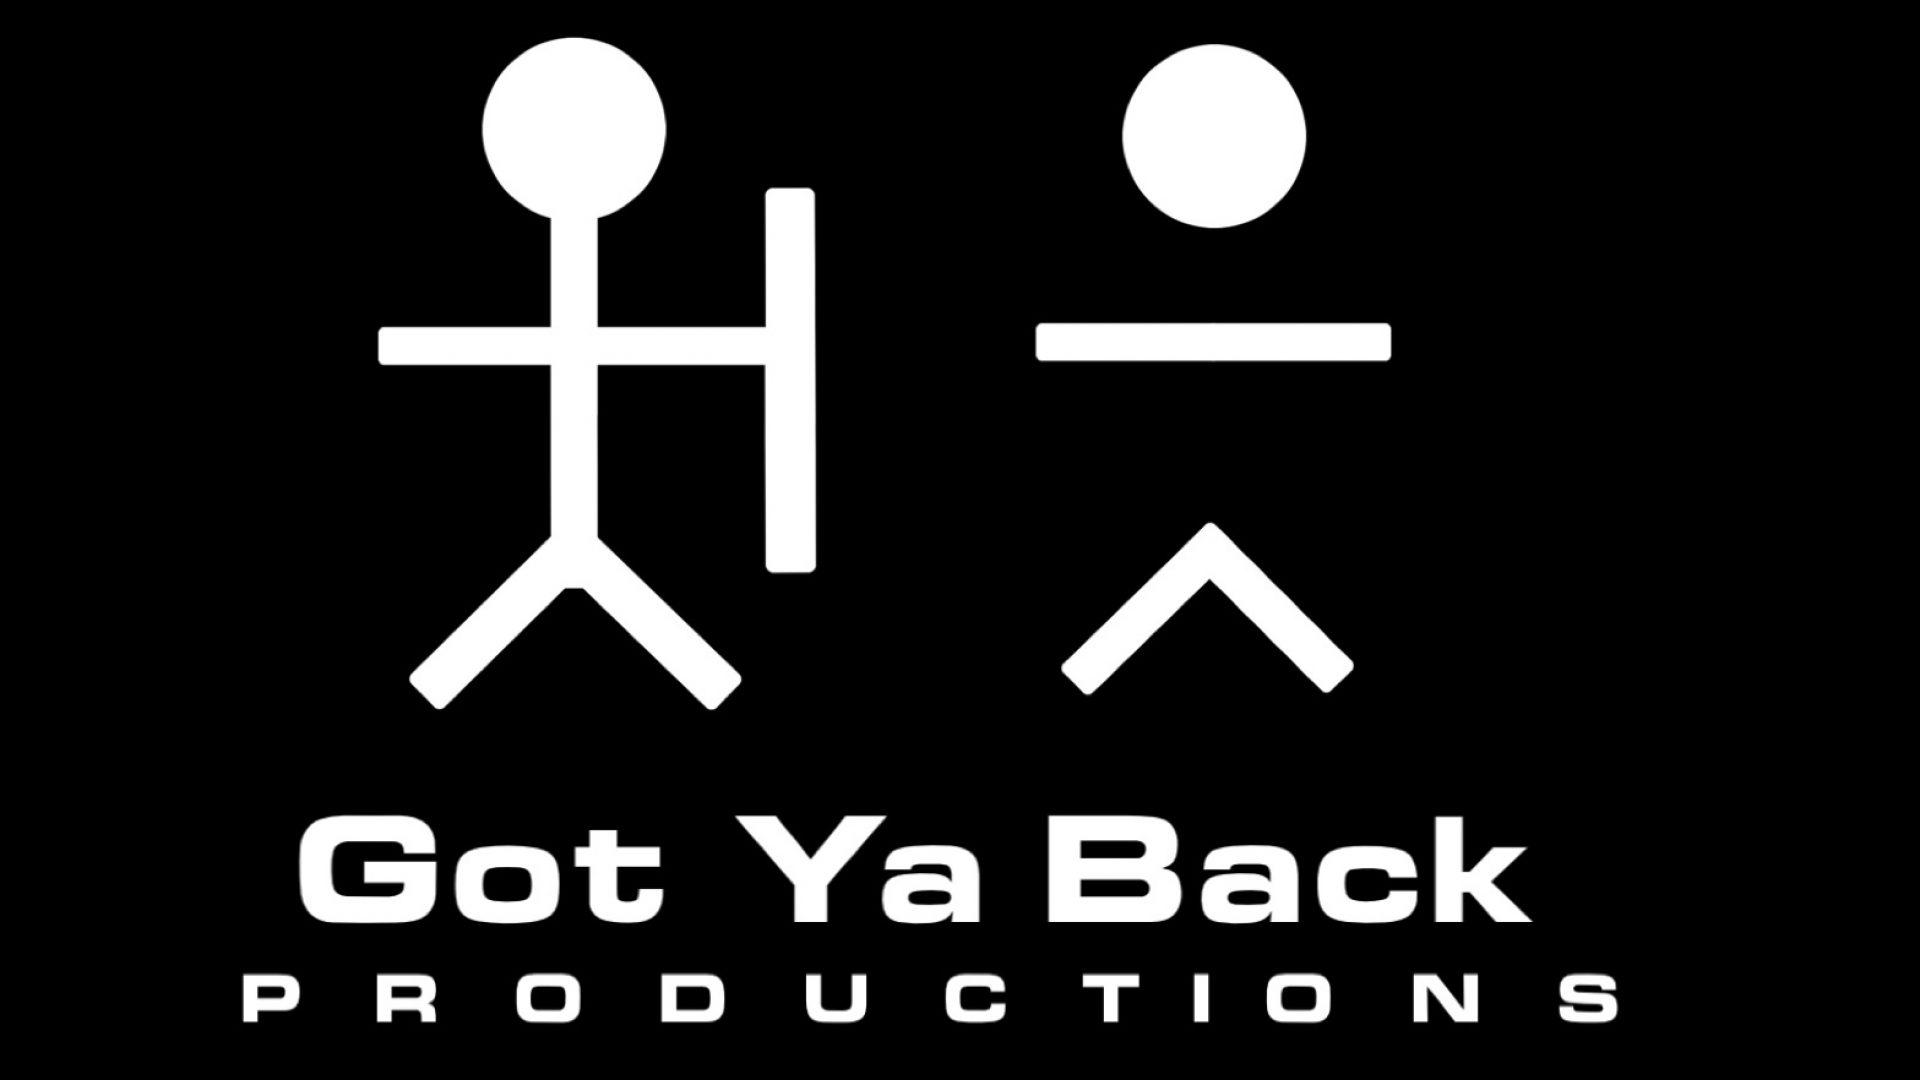 Got Ya Back Productions